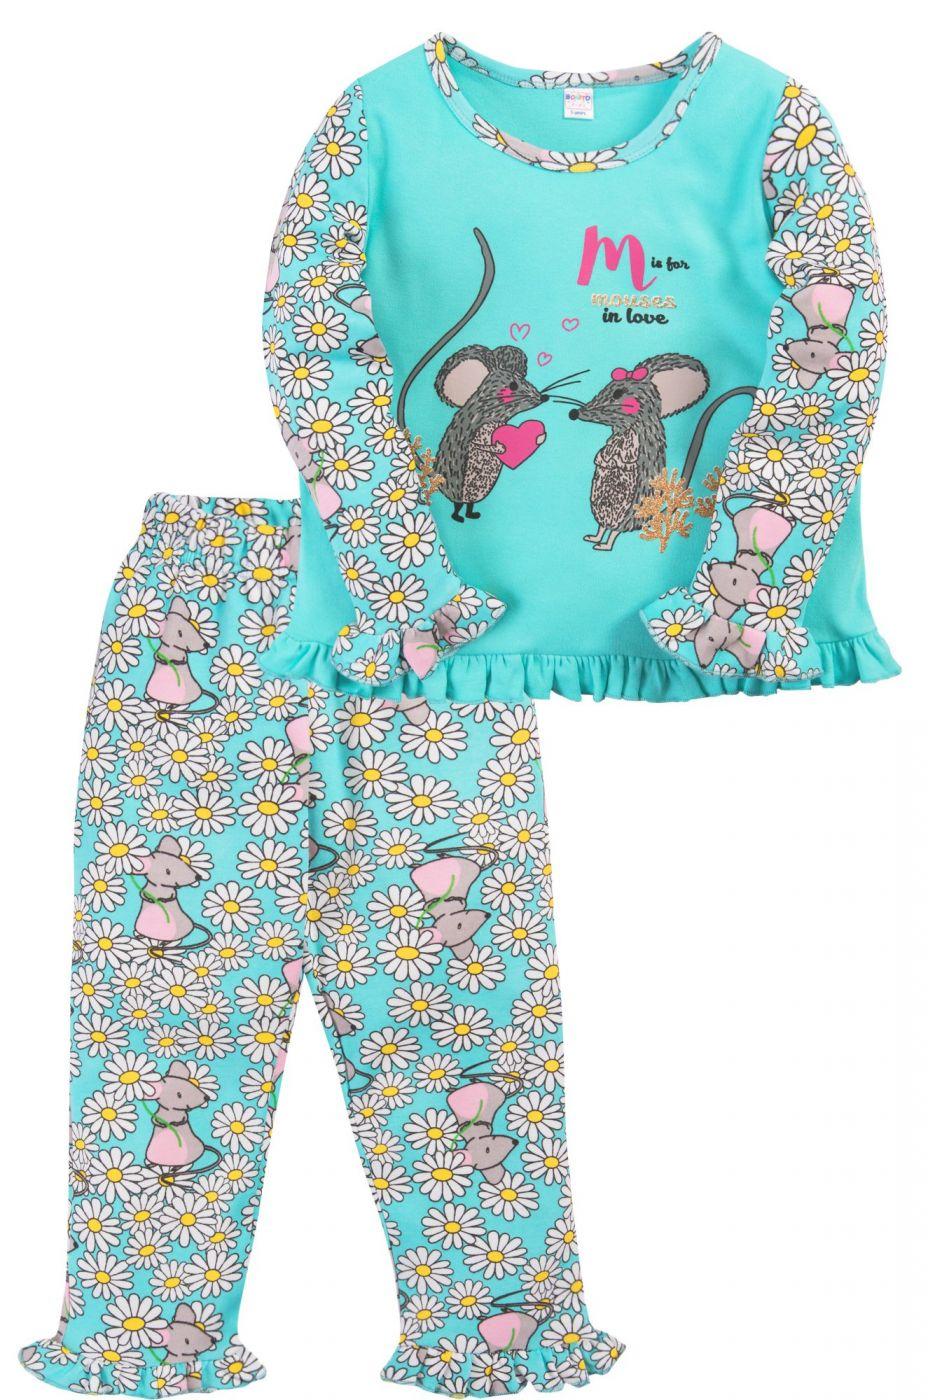 Пижама для девочки Bonito бирюзовая с мышатами